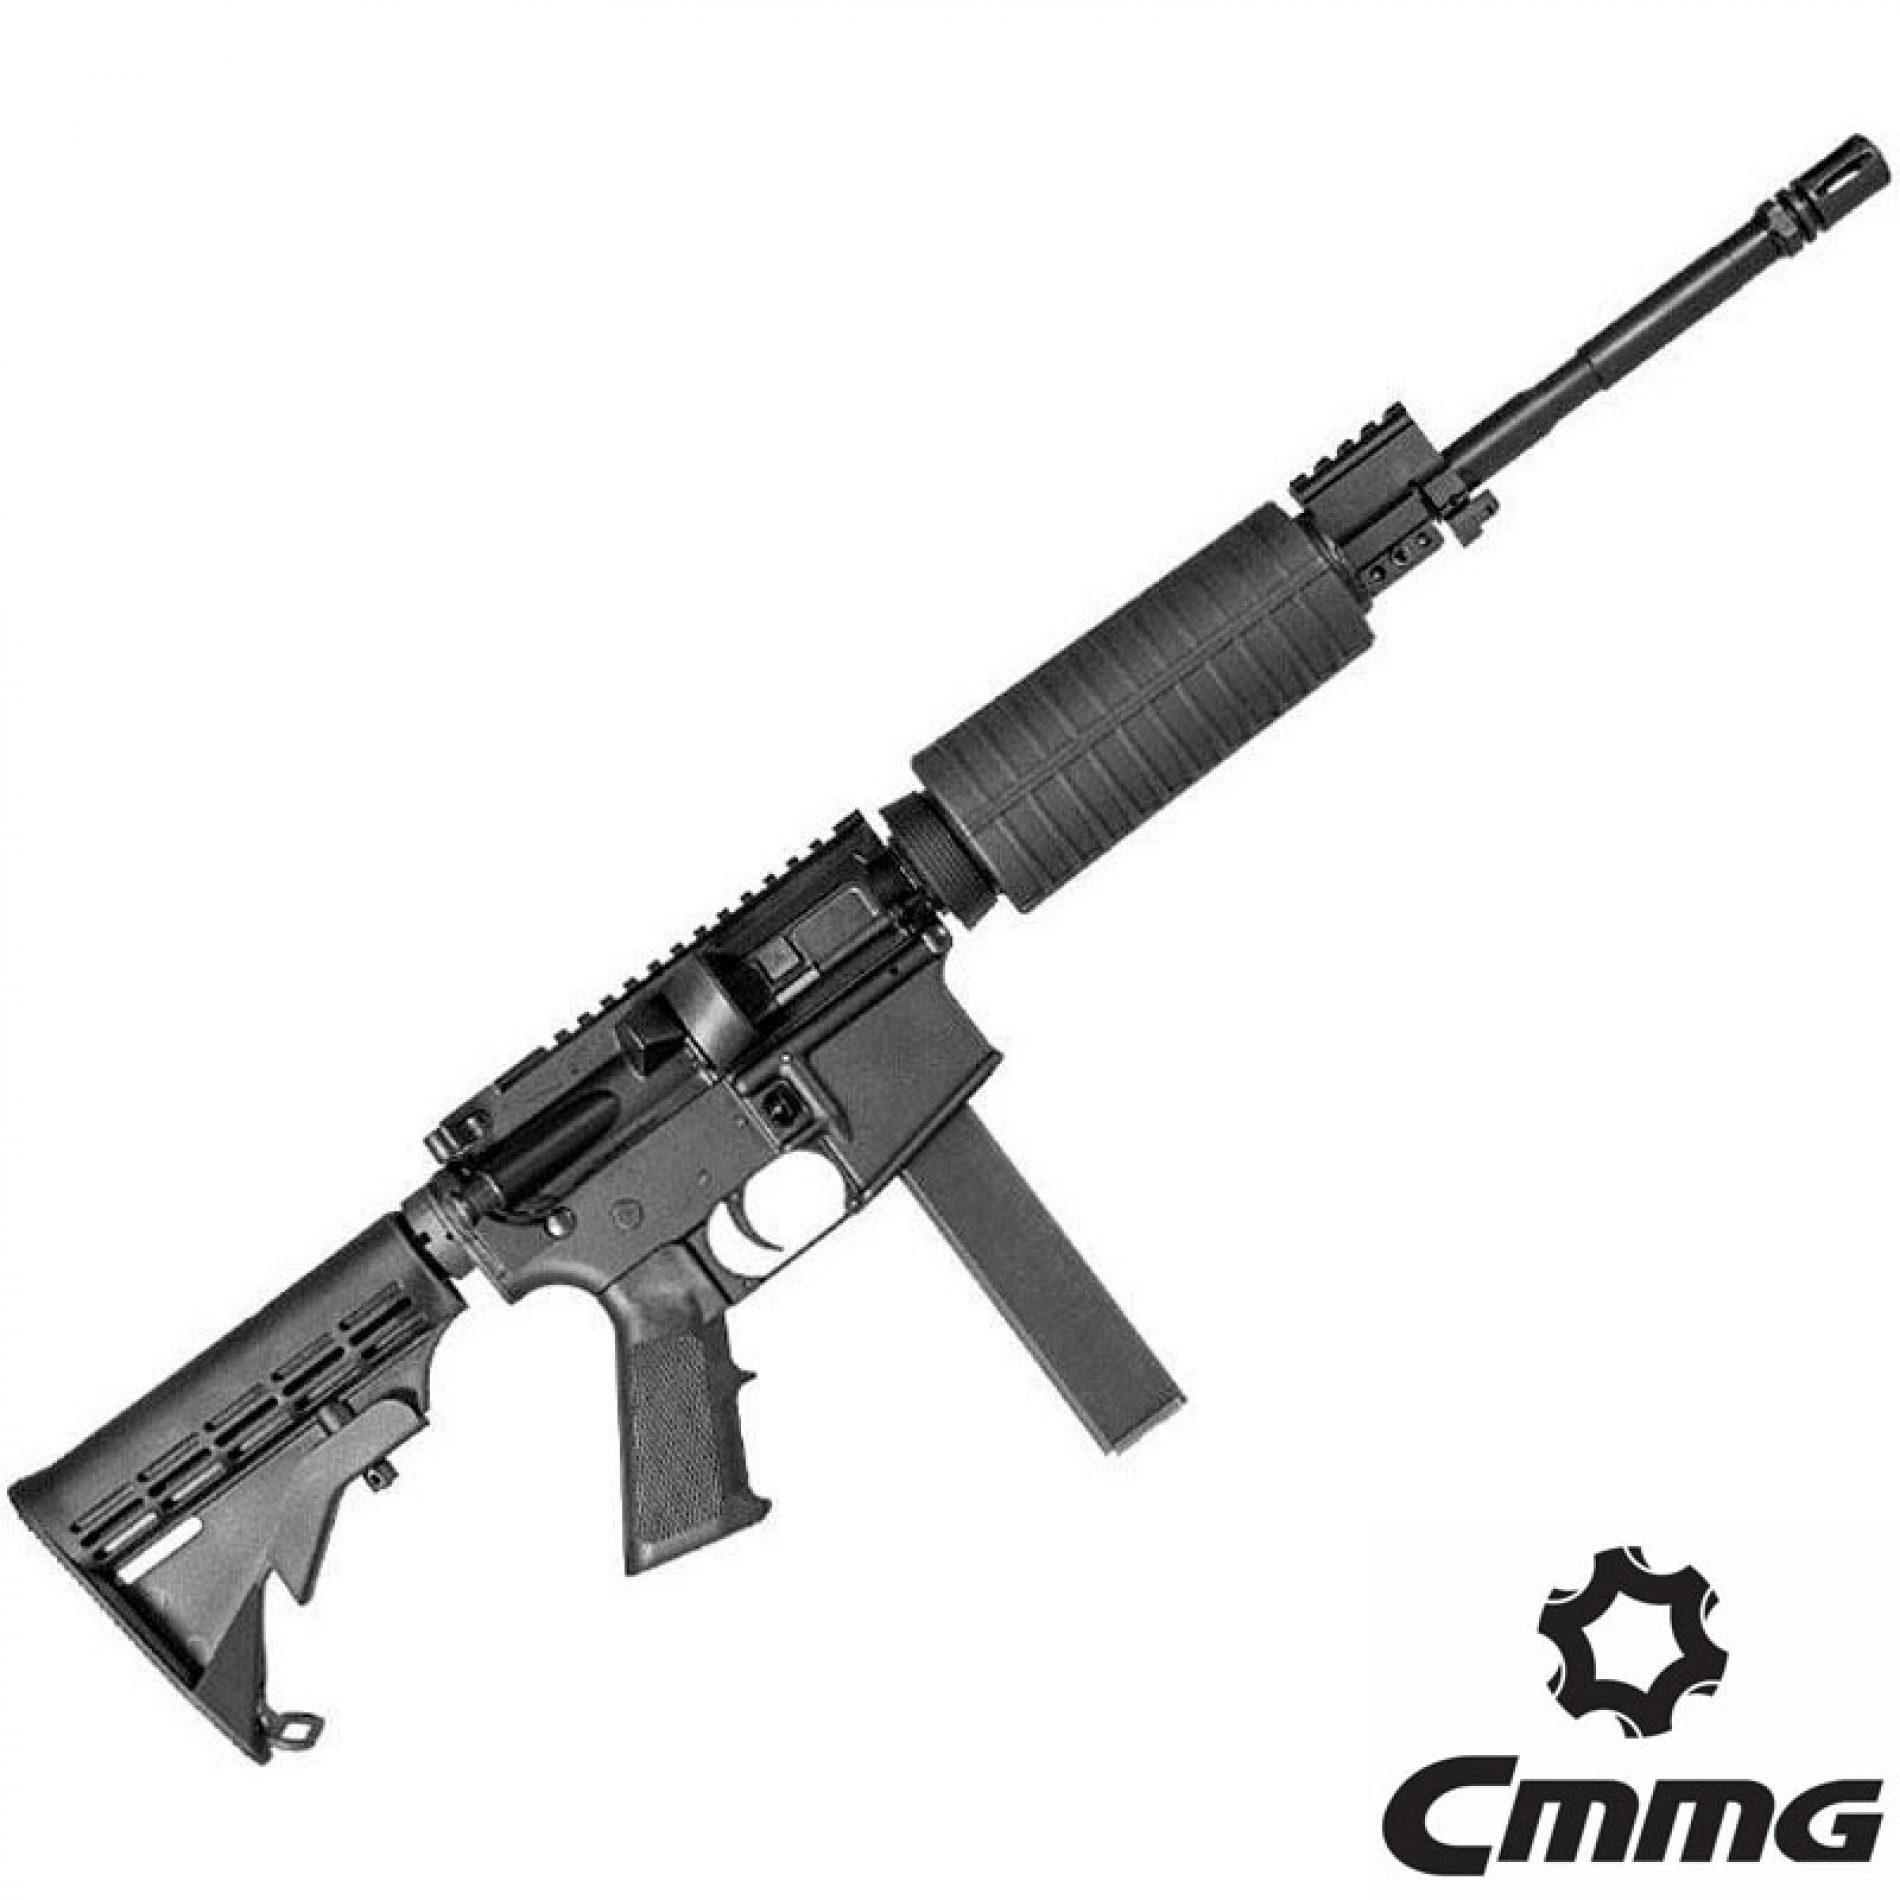 Carabina CMMG Mk9LE. El AR-15 en 9 mm, Parabellum mejor valorado.